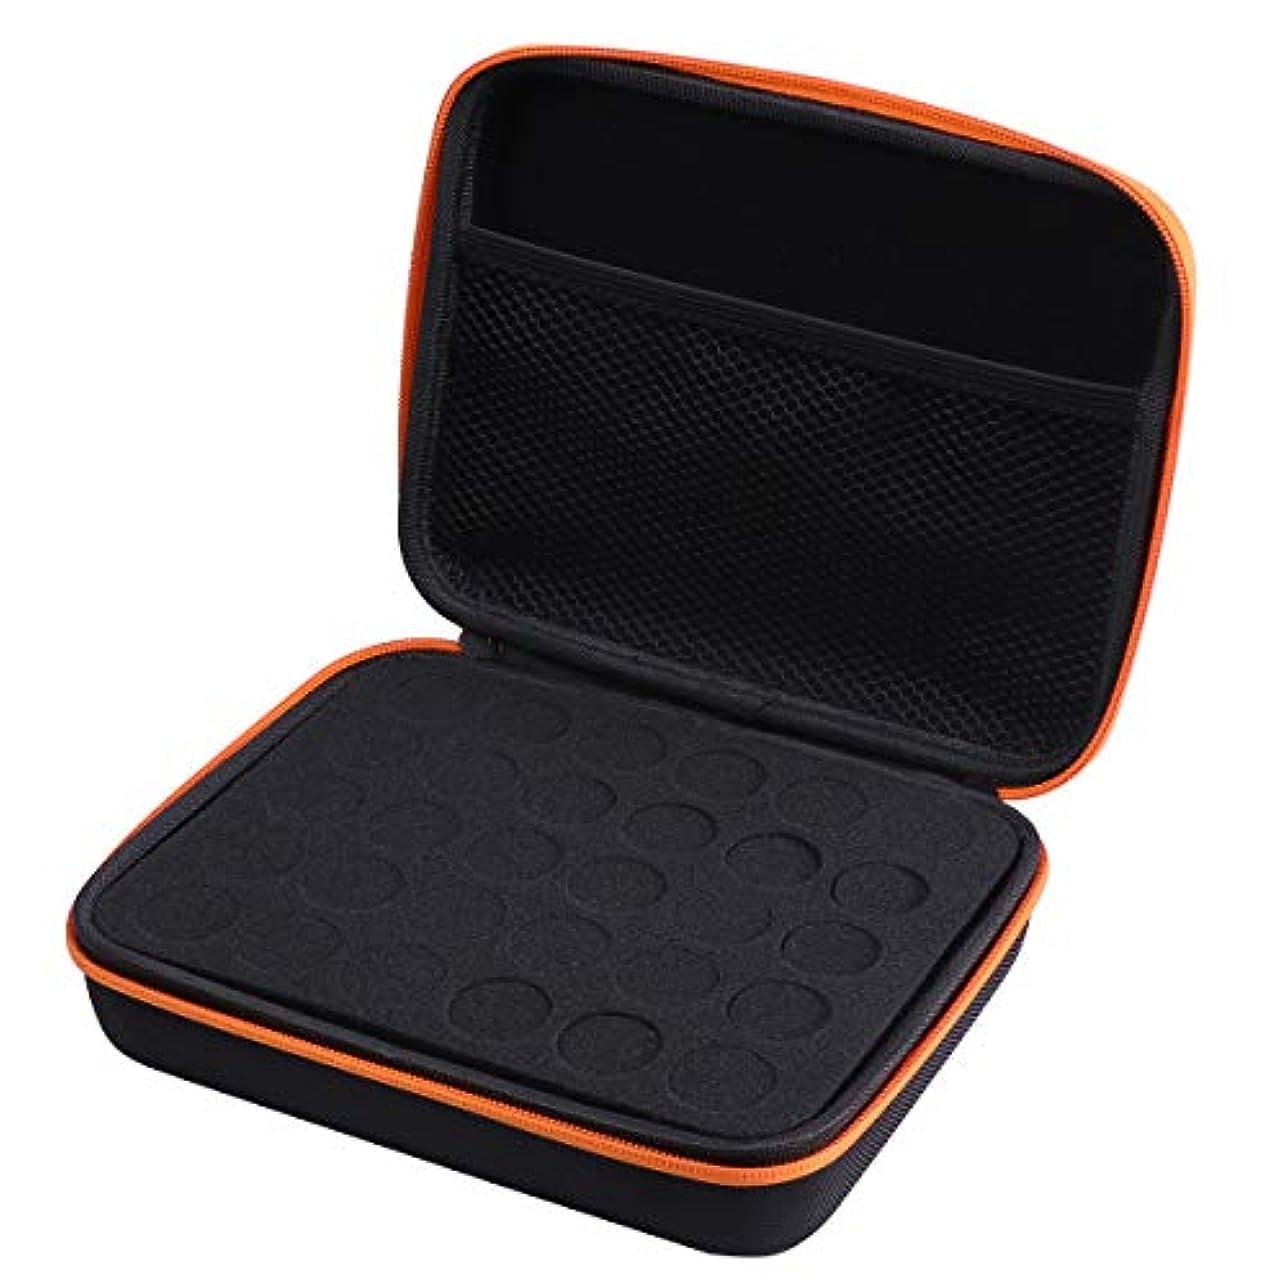 産地ご予約計画Frcolor エッセンシャルオイル ケース 携帯用 アロマポーチ アロマケース メイクポーチ 精油ケース 30本用(オレンジ)